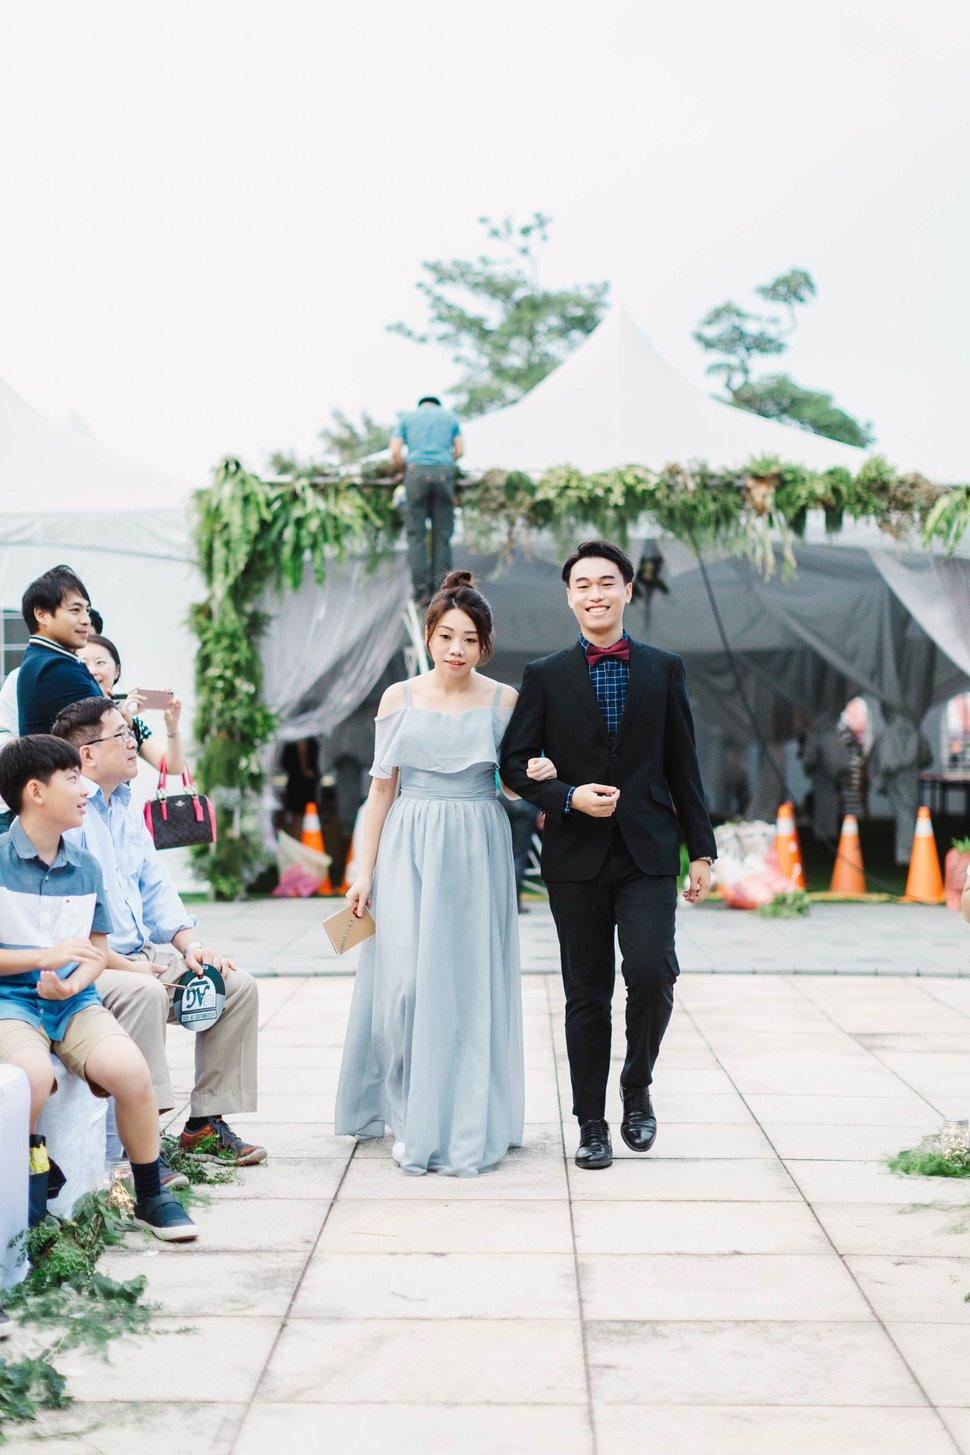 集食行樂婚禮-美式婚禮-美式婚禮紀錄-戶外證婚-美式婚紗-AG 婚攝Adam Chen- Amazing Grace 攝影美學 -台北婚禮紀錄 - Amazing Grace Studio61 - Amazing Grace Studio《結婚吧》